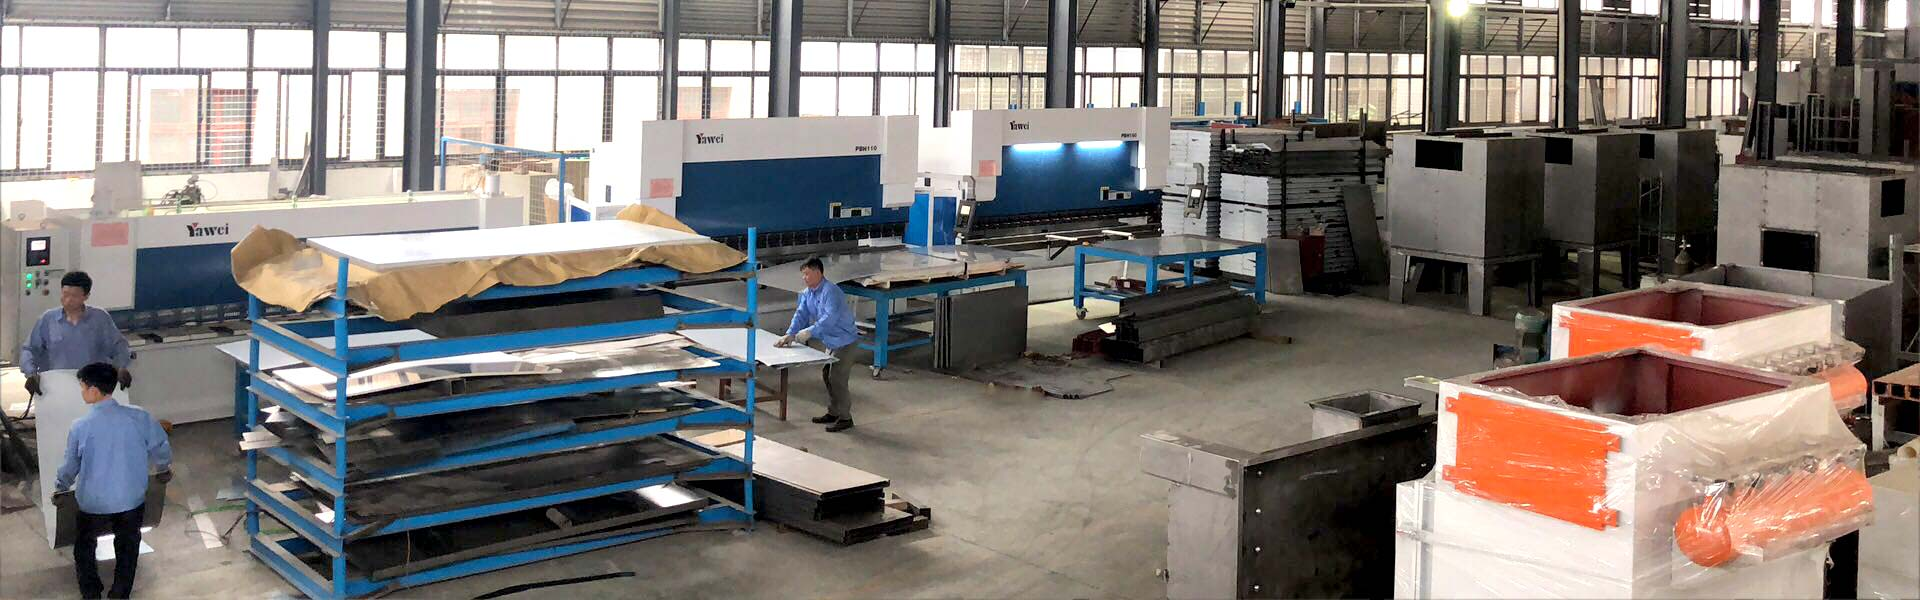 自动化加工设备 6S管理体系 ERP系统控制